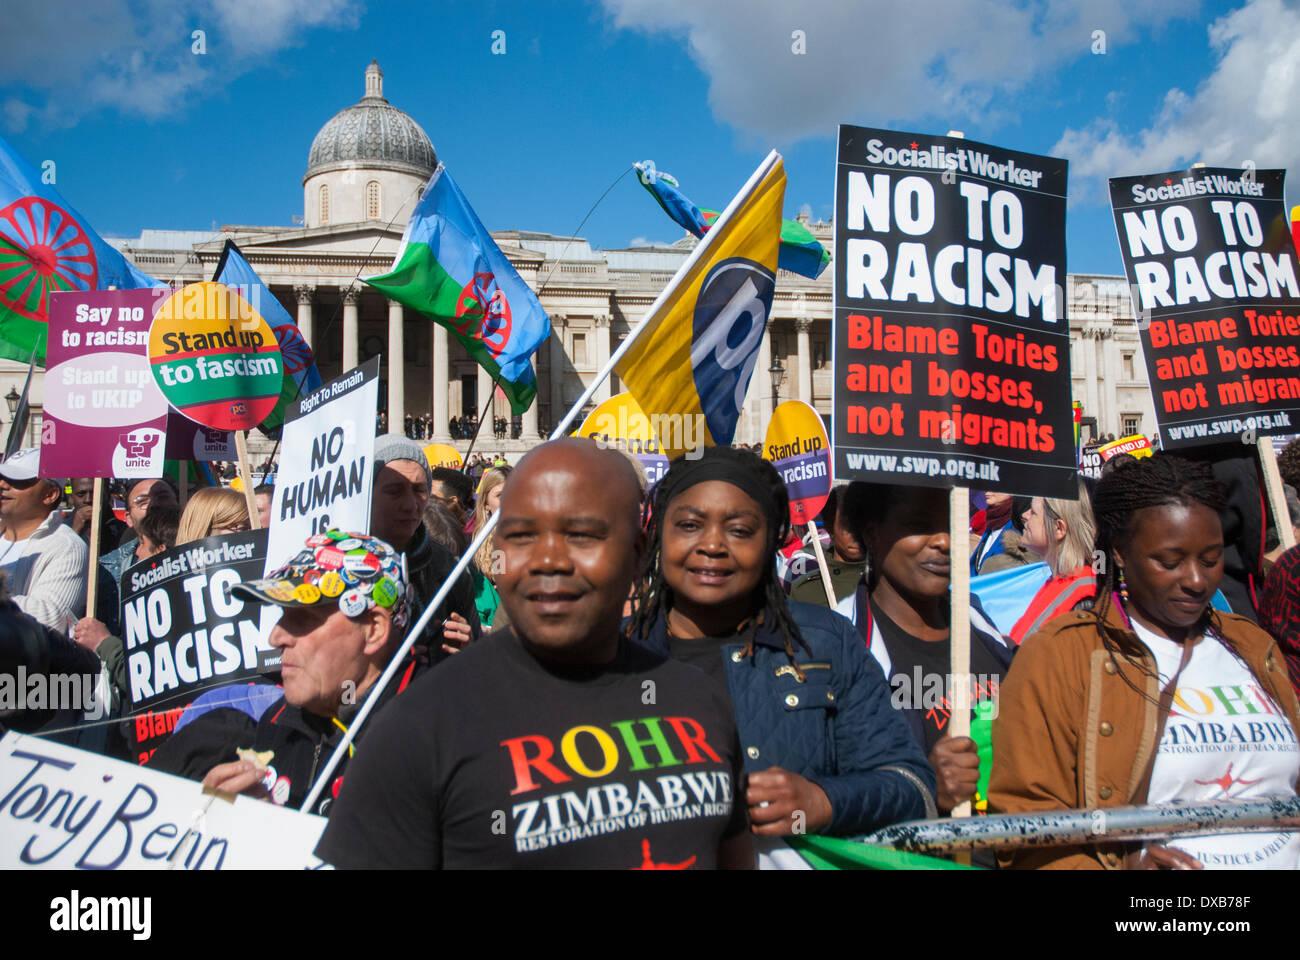 Londra, Regno Unito. Il 22 marzo 2014. Le persone si radunano a Londra in Trafalgar Square per un rally Anti-Racism. Credito: Peter Manning/Alamy Live News Immagini Stock